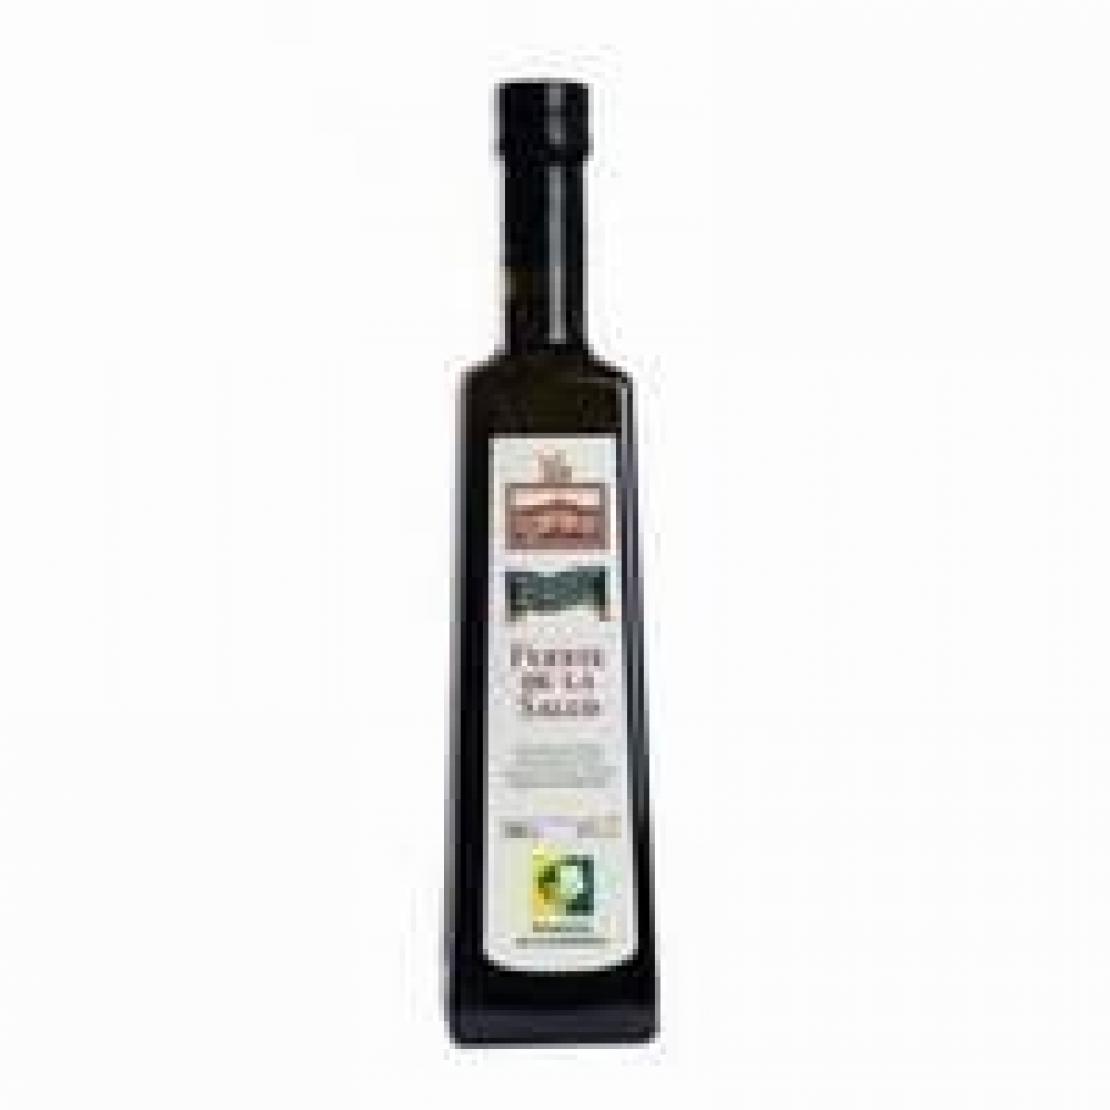 Fuente de la Salud: l'olivicoltura spagnola di montagna e di qualità